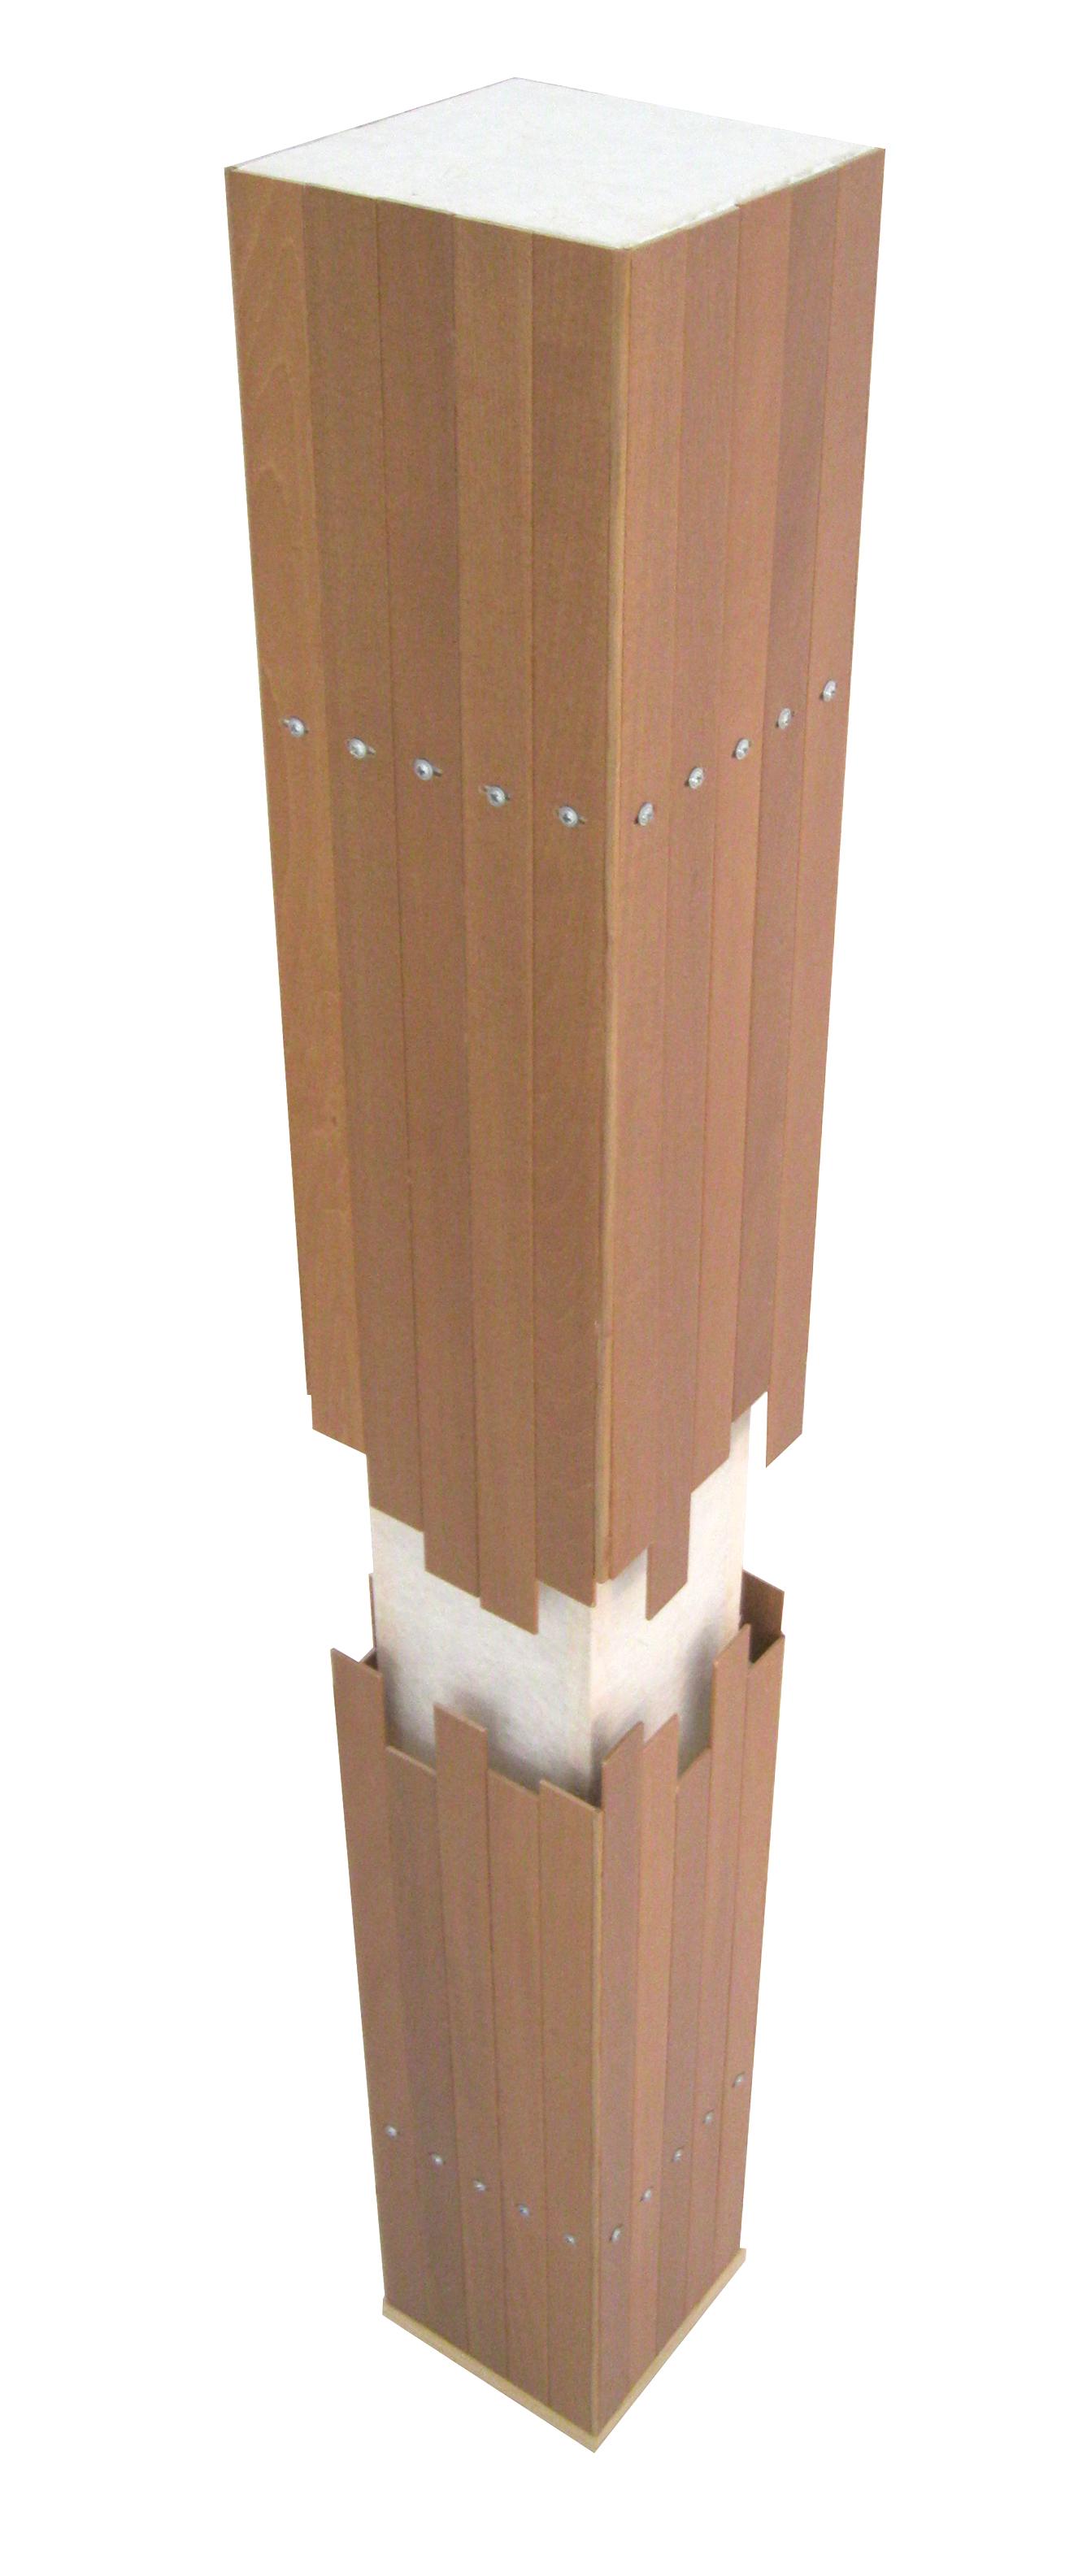 Slat Lamp Tension 04.JPG